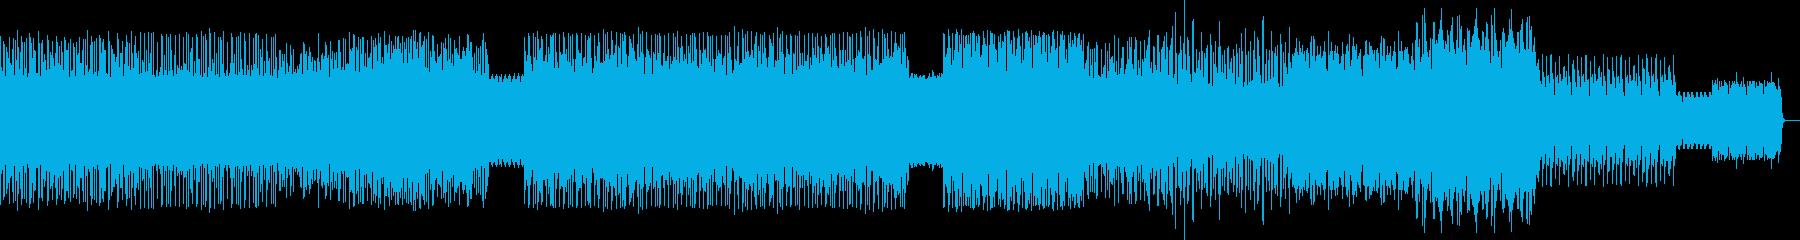 アップテンポクラブ音楽マスタリングverの再生済みの波形